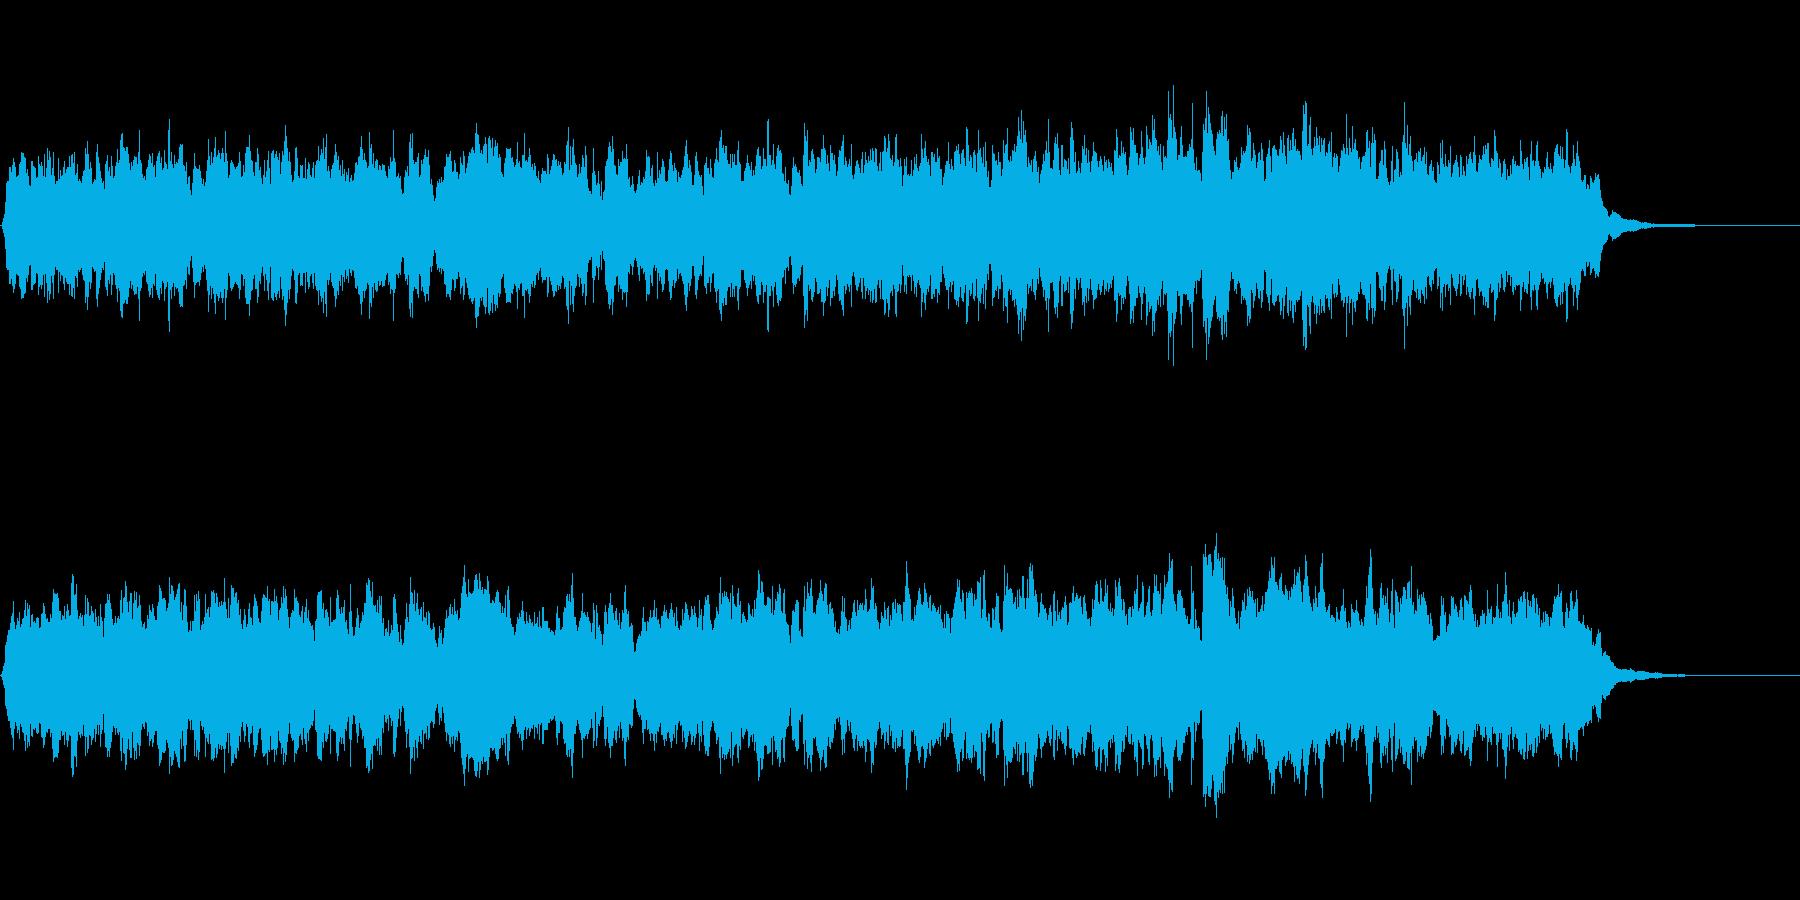 映像用の軽い弦アレンジの小曲の再生済みの波形